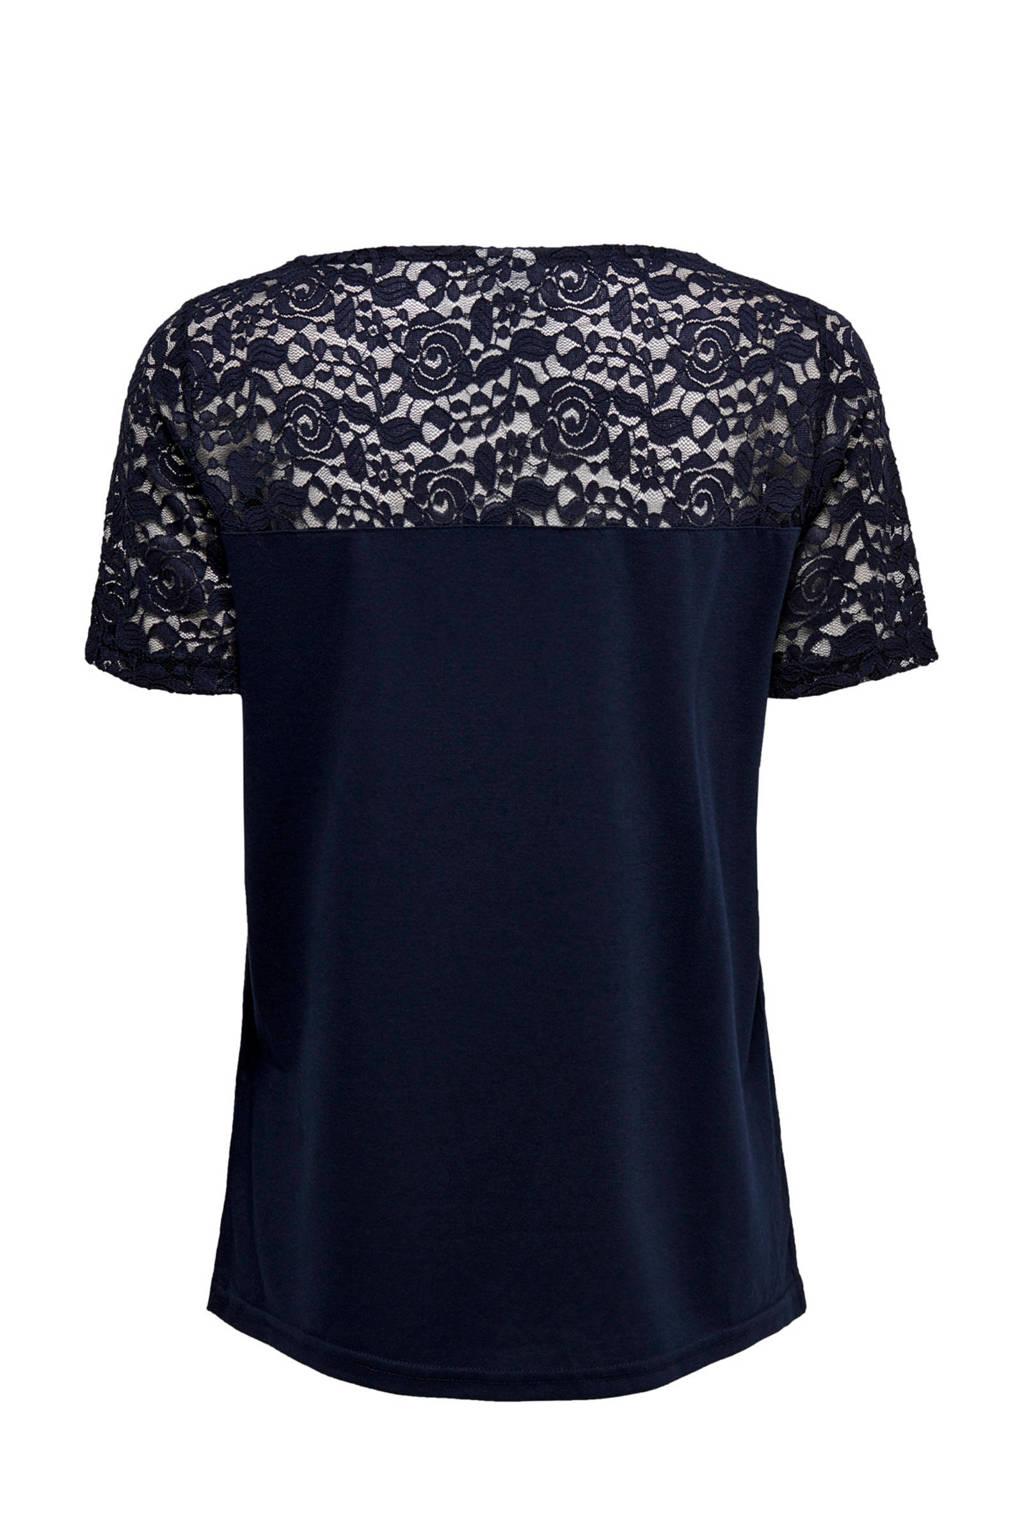 Donkerblauw De shirt Jacqueline Yongt Met Kant wXqn64Ox